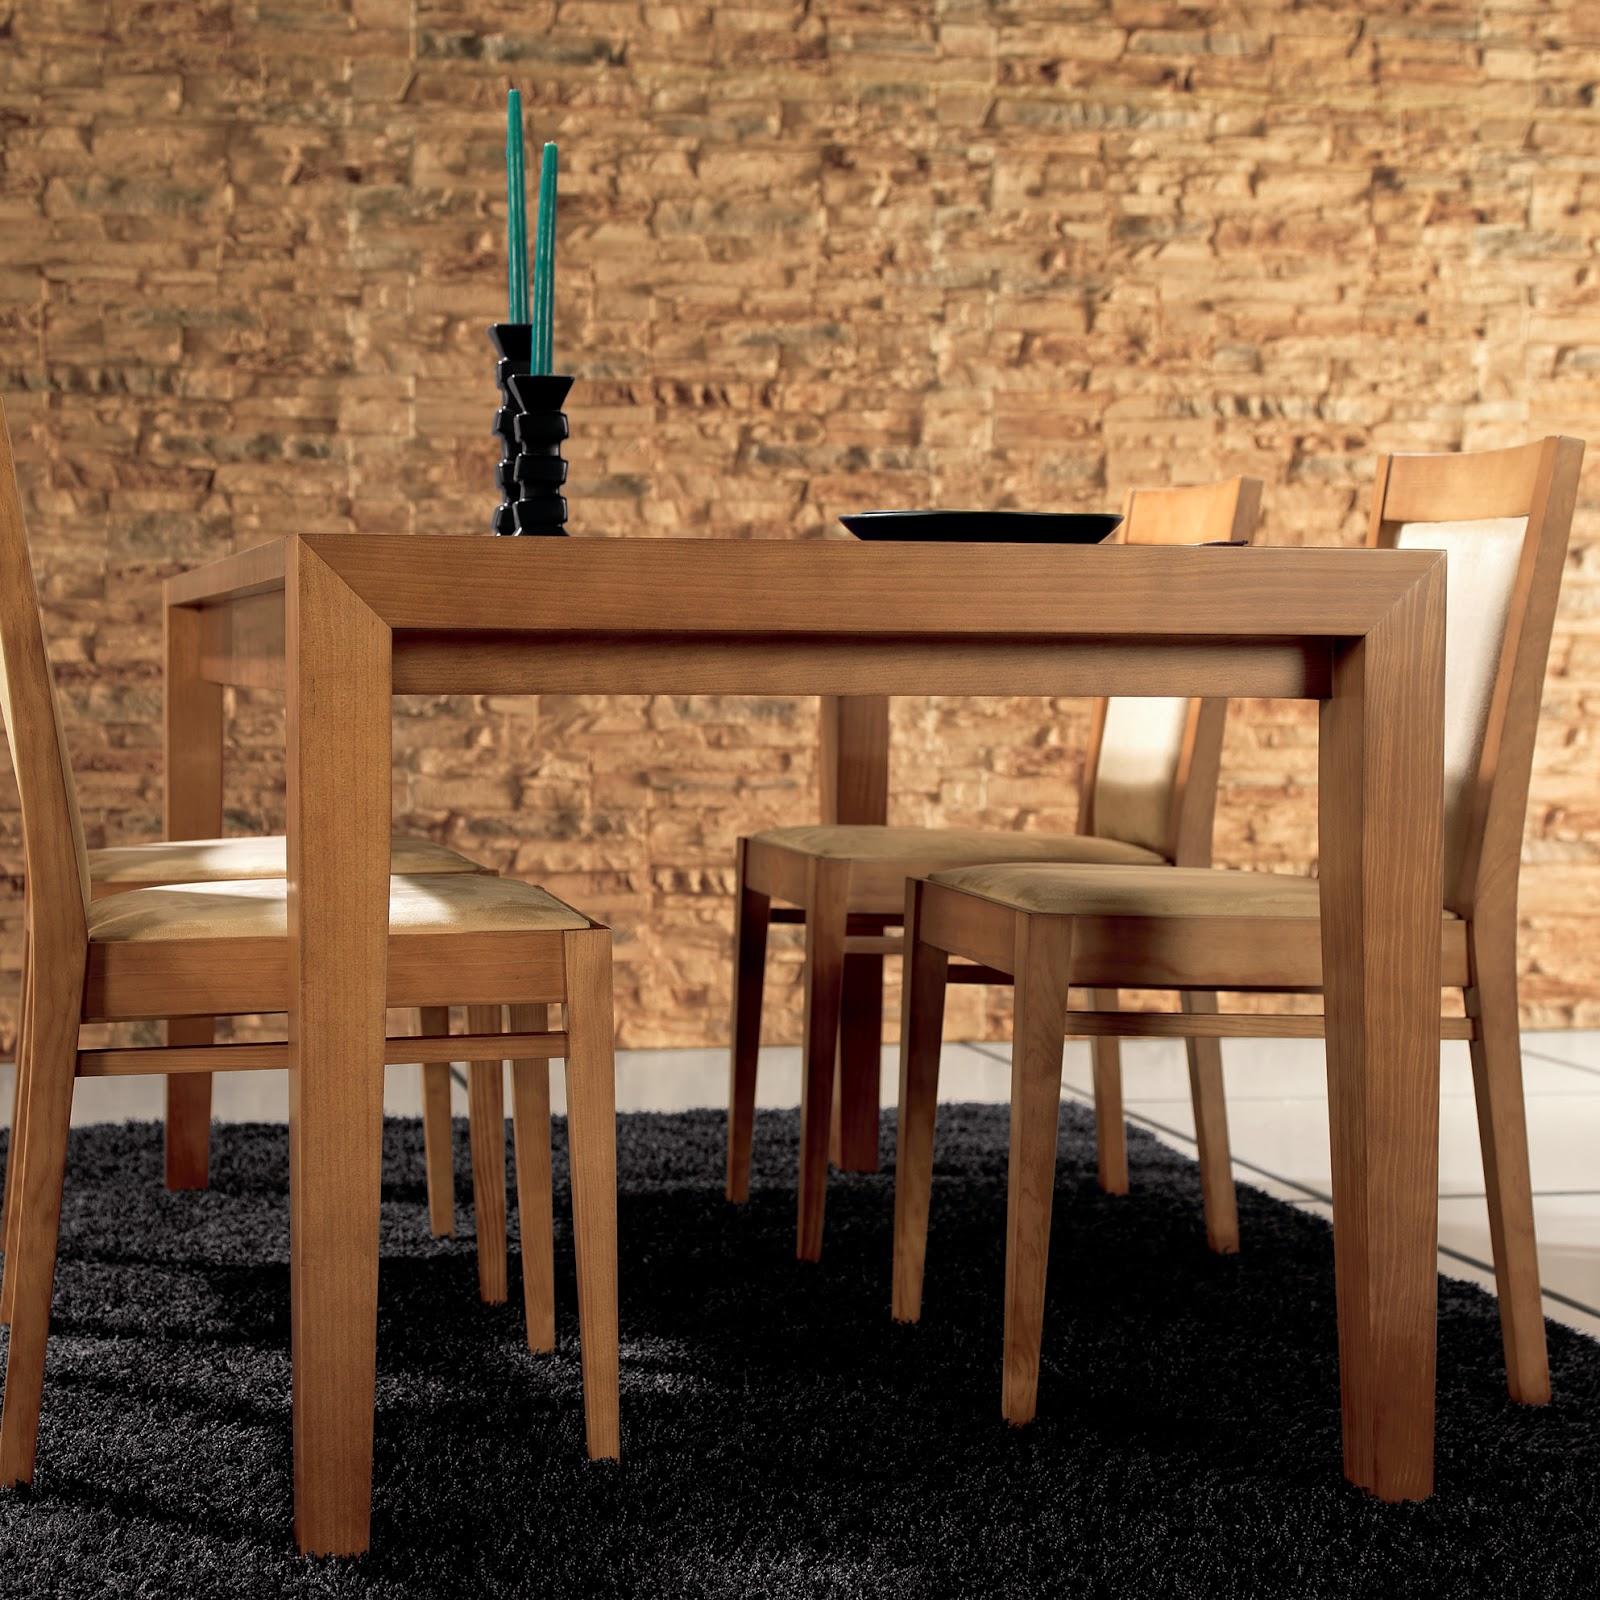 lojas de decoracao de interiores em leiria : lojas de decoracao de interiores em leiria:sala de refeições que pblicamos hoje é fabricada em pinho maciço